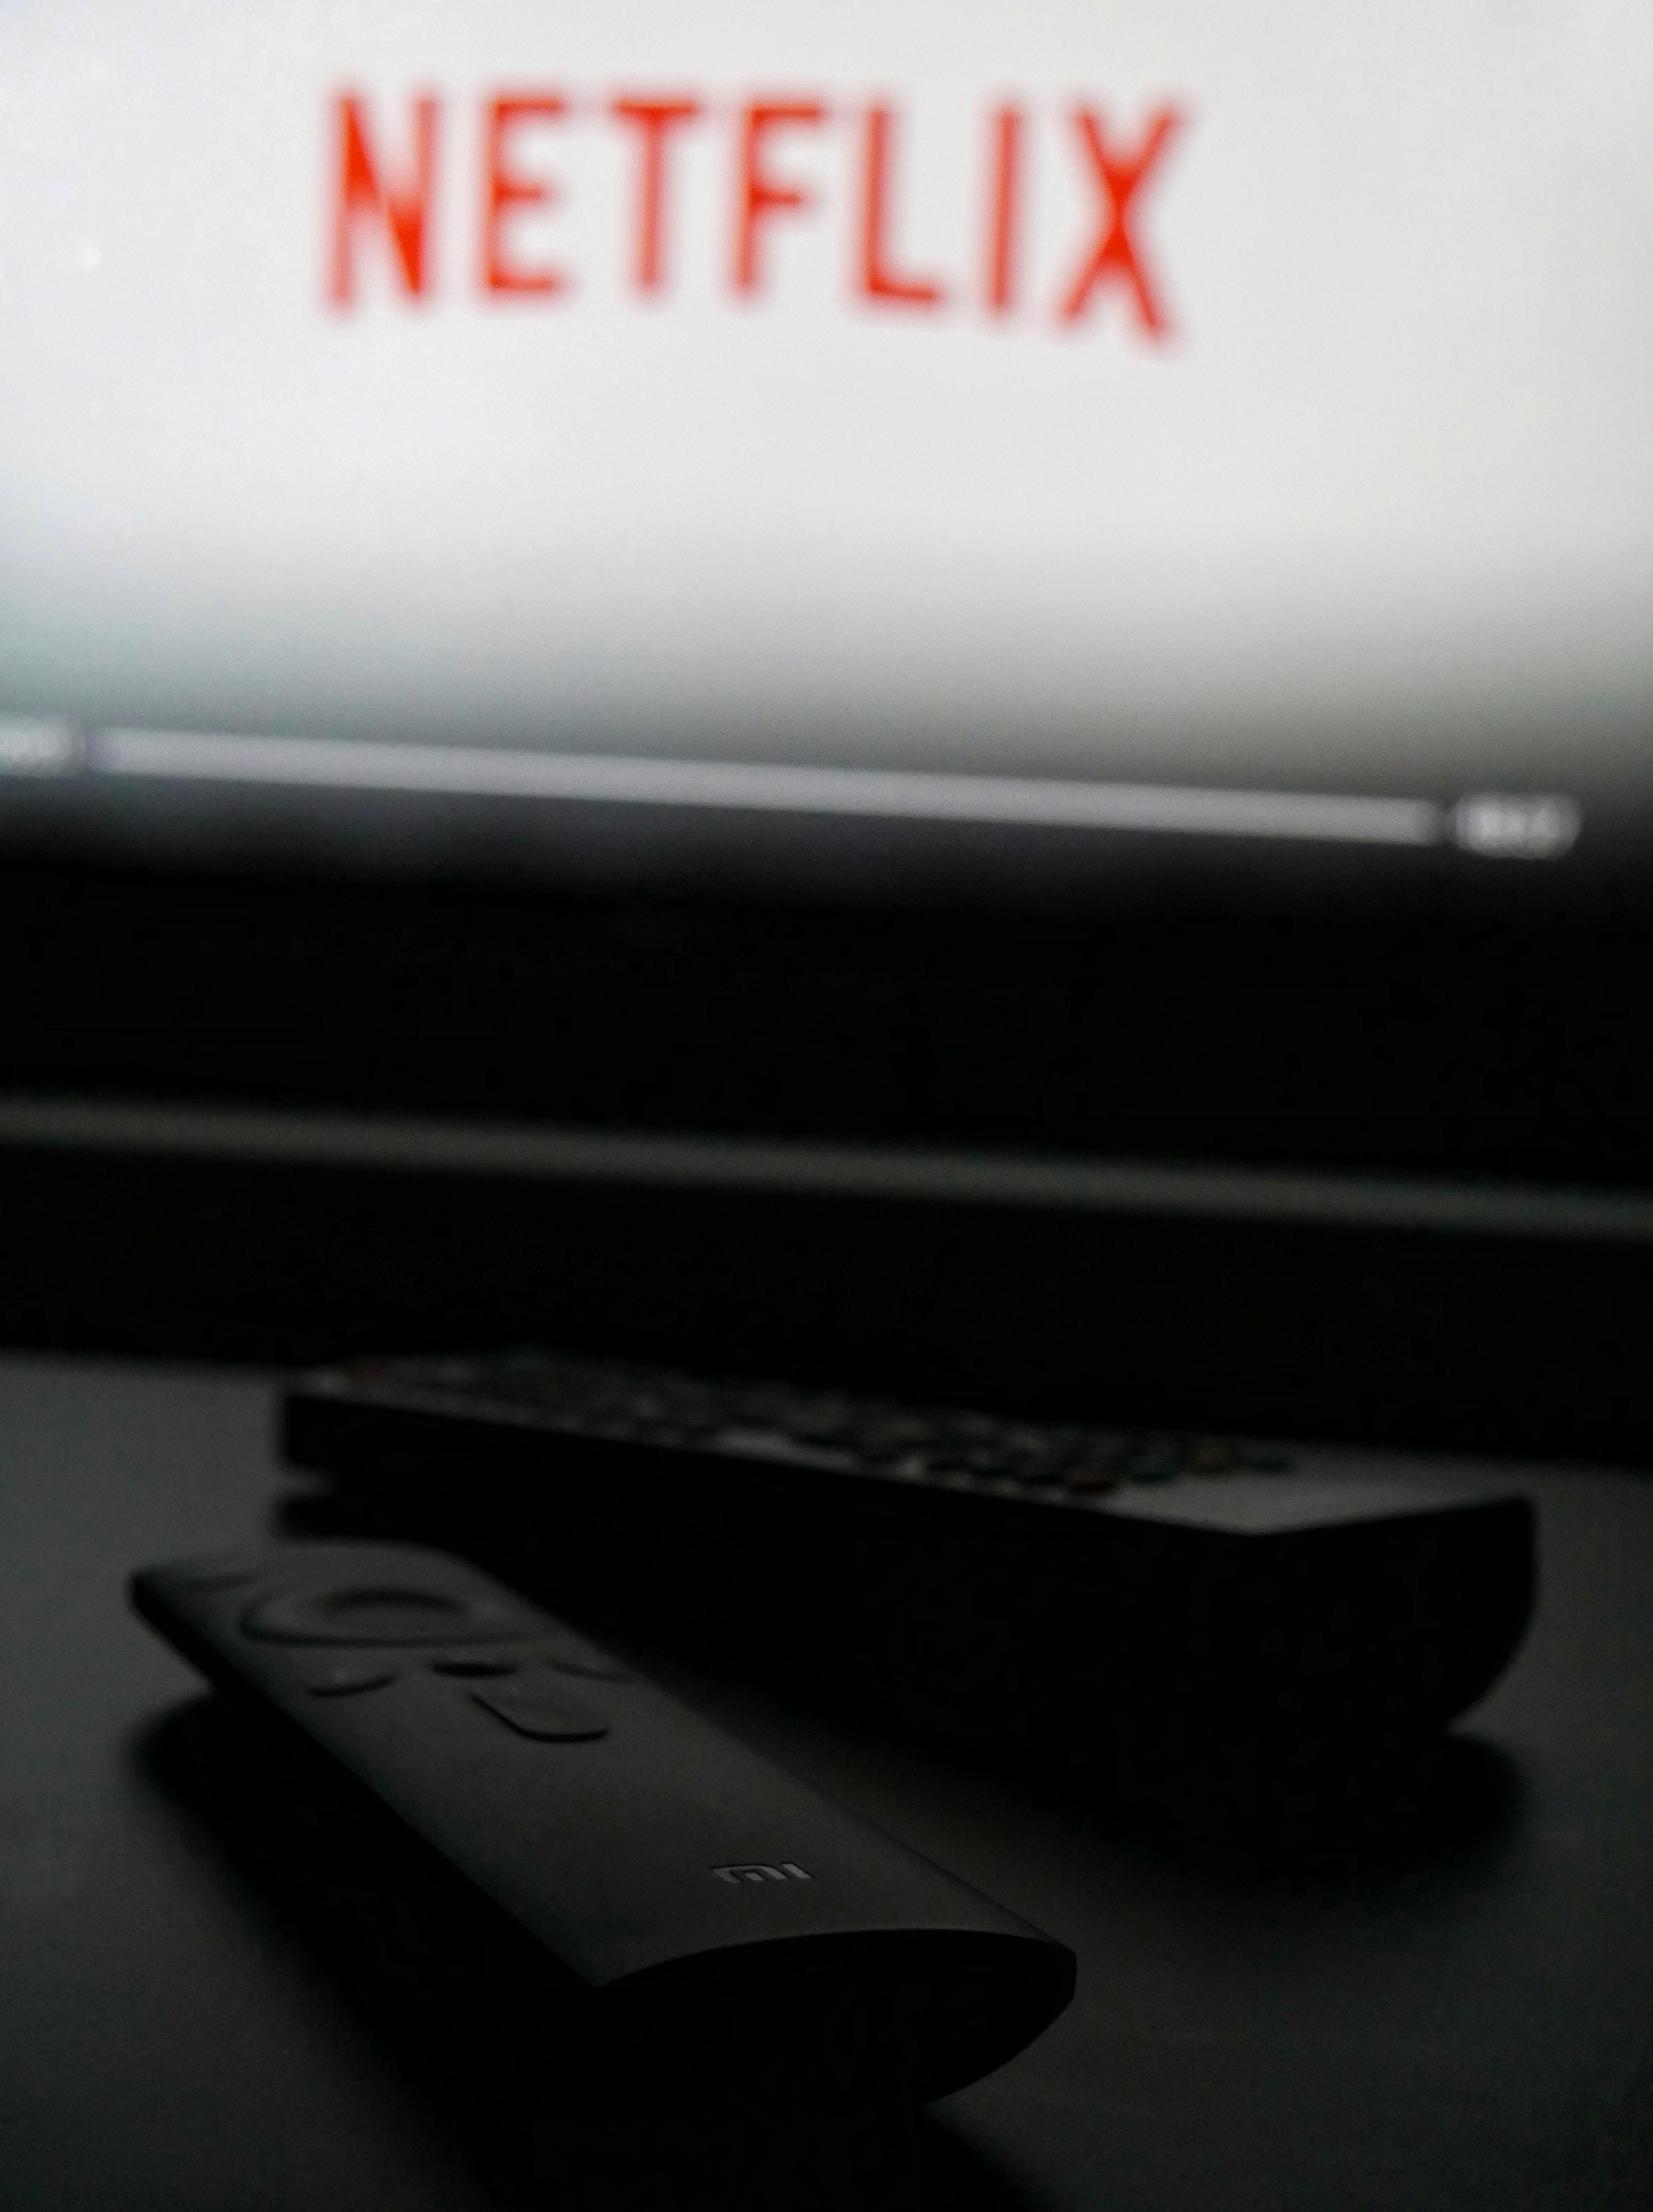 black Amazon TV box